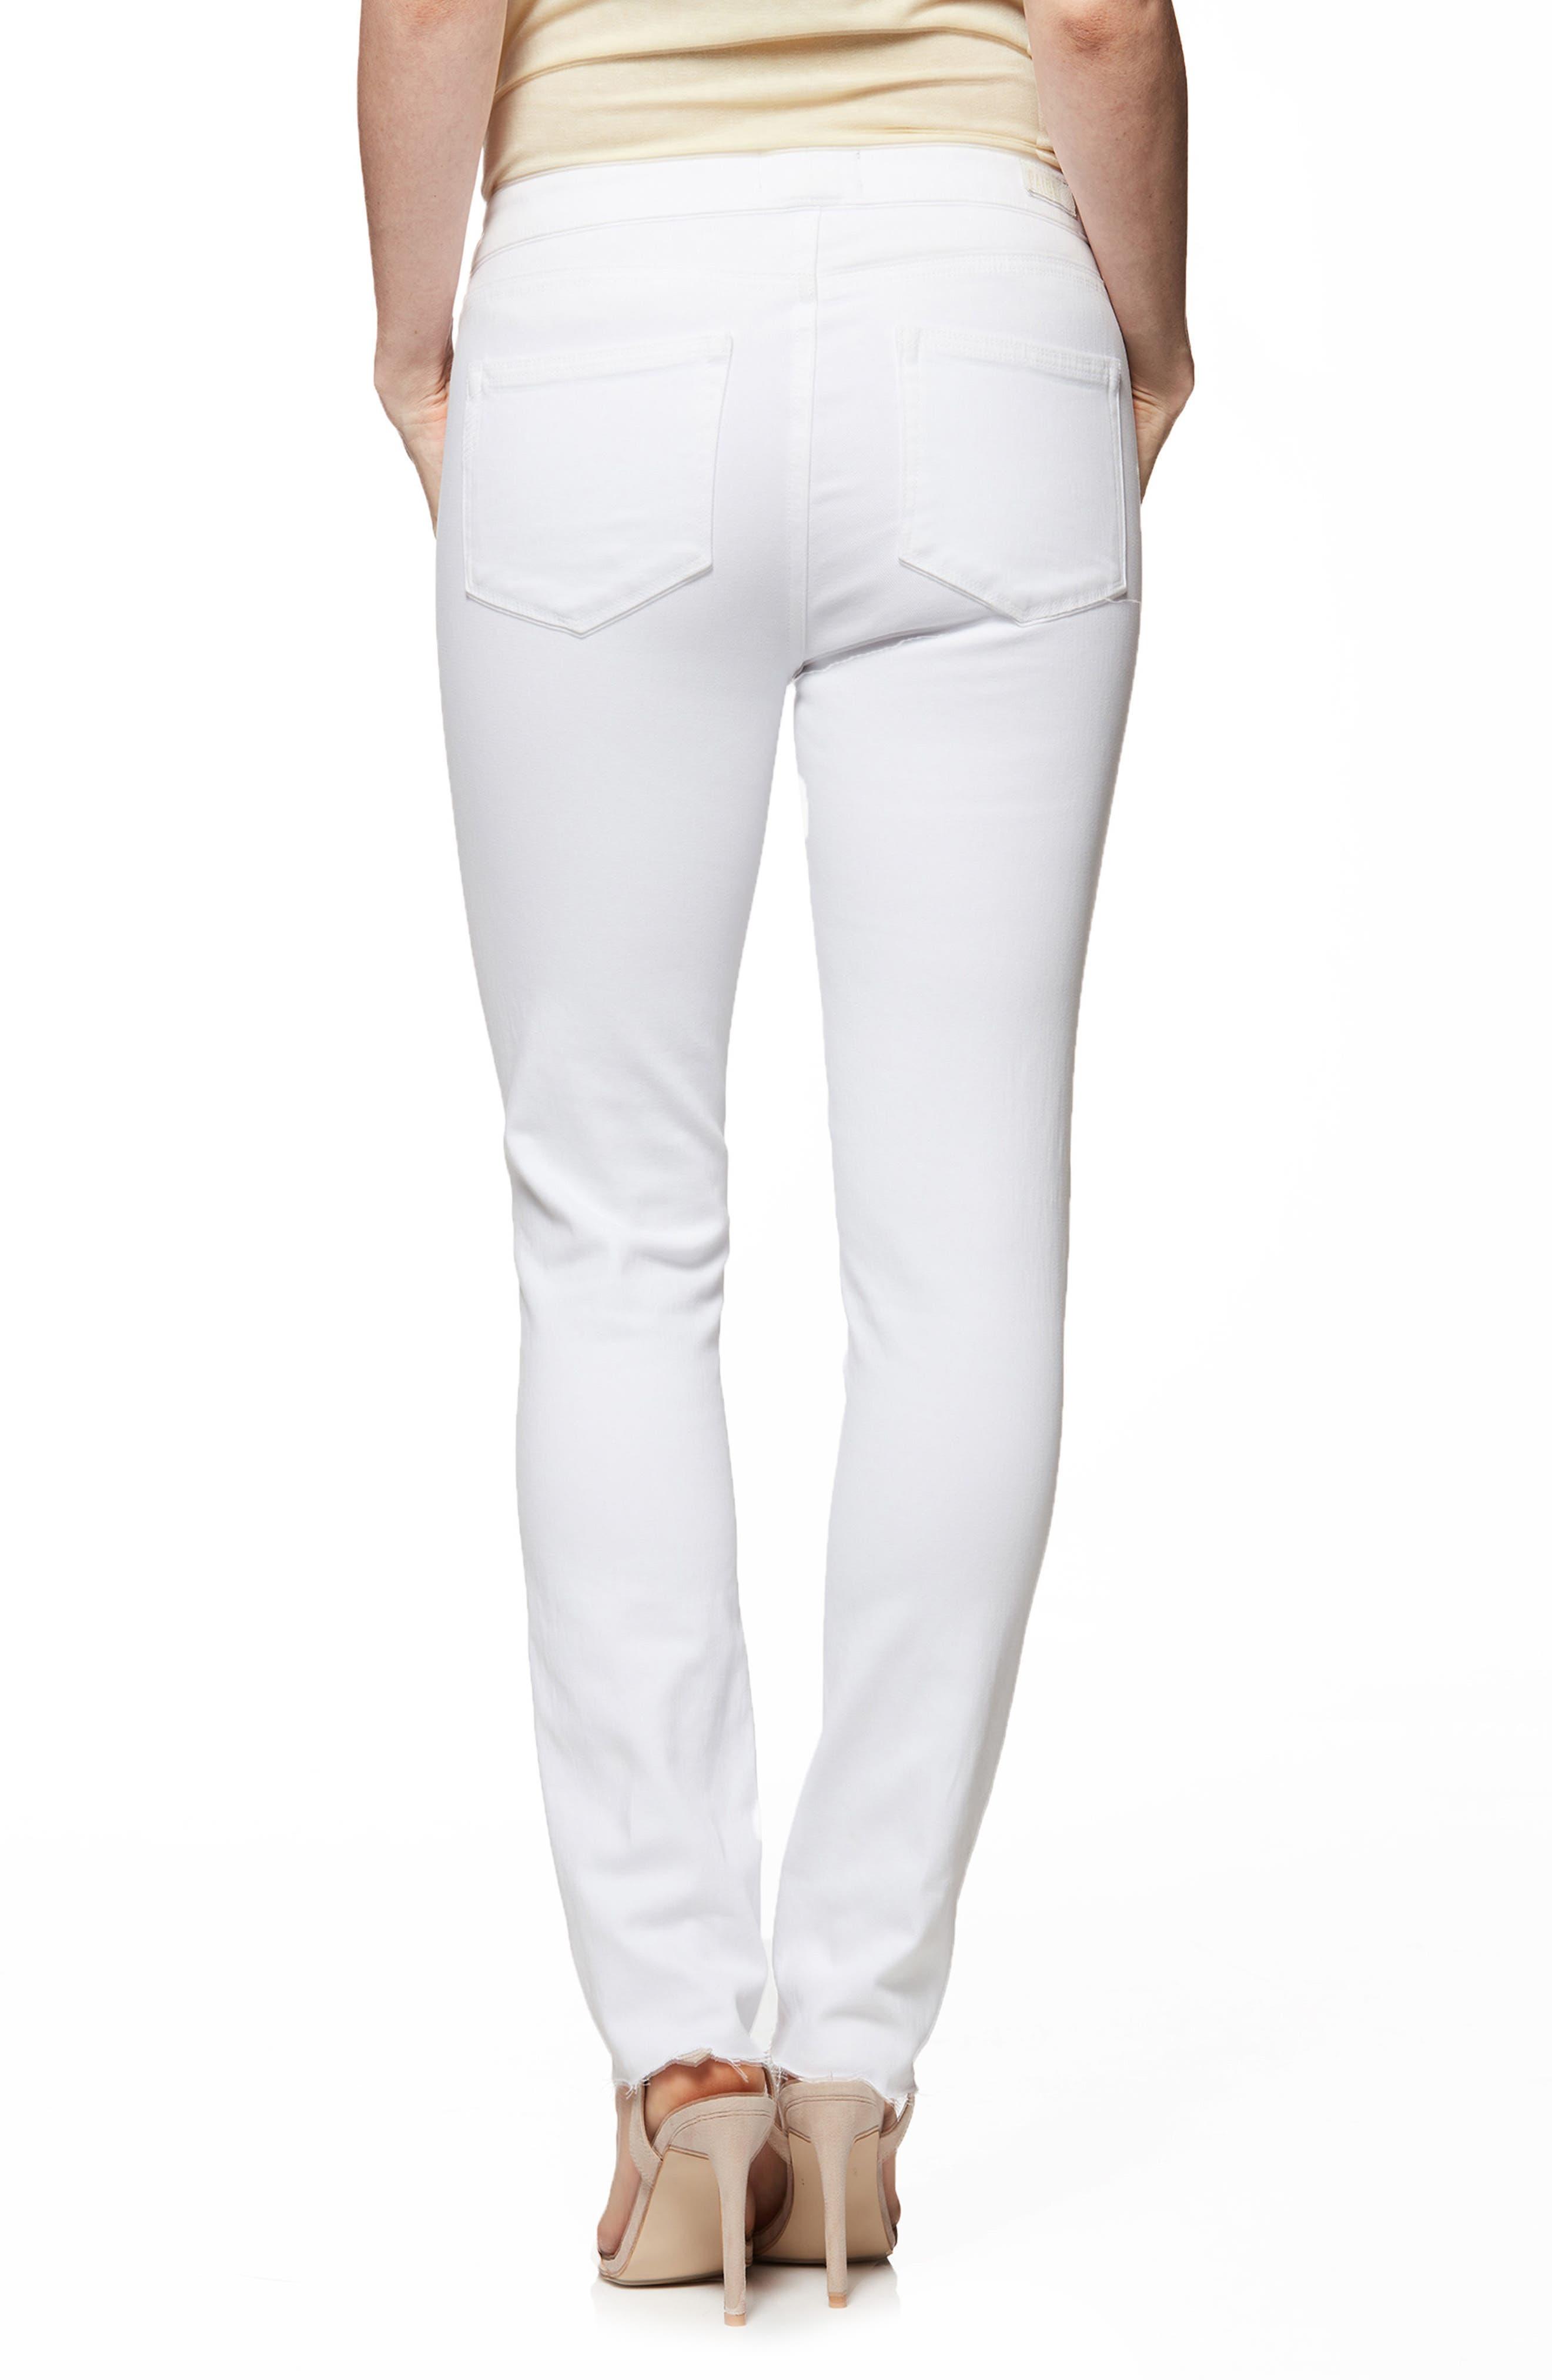 Hoxton High Waist Ankle Skinny Jeans,                             Alternate thumbnail 2, color,                             Crisp White